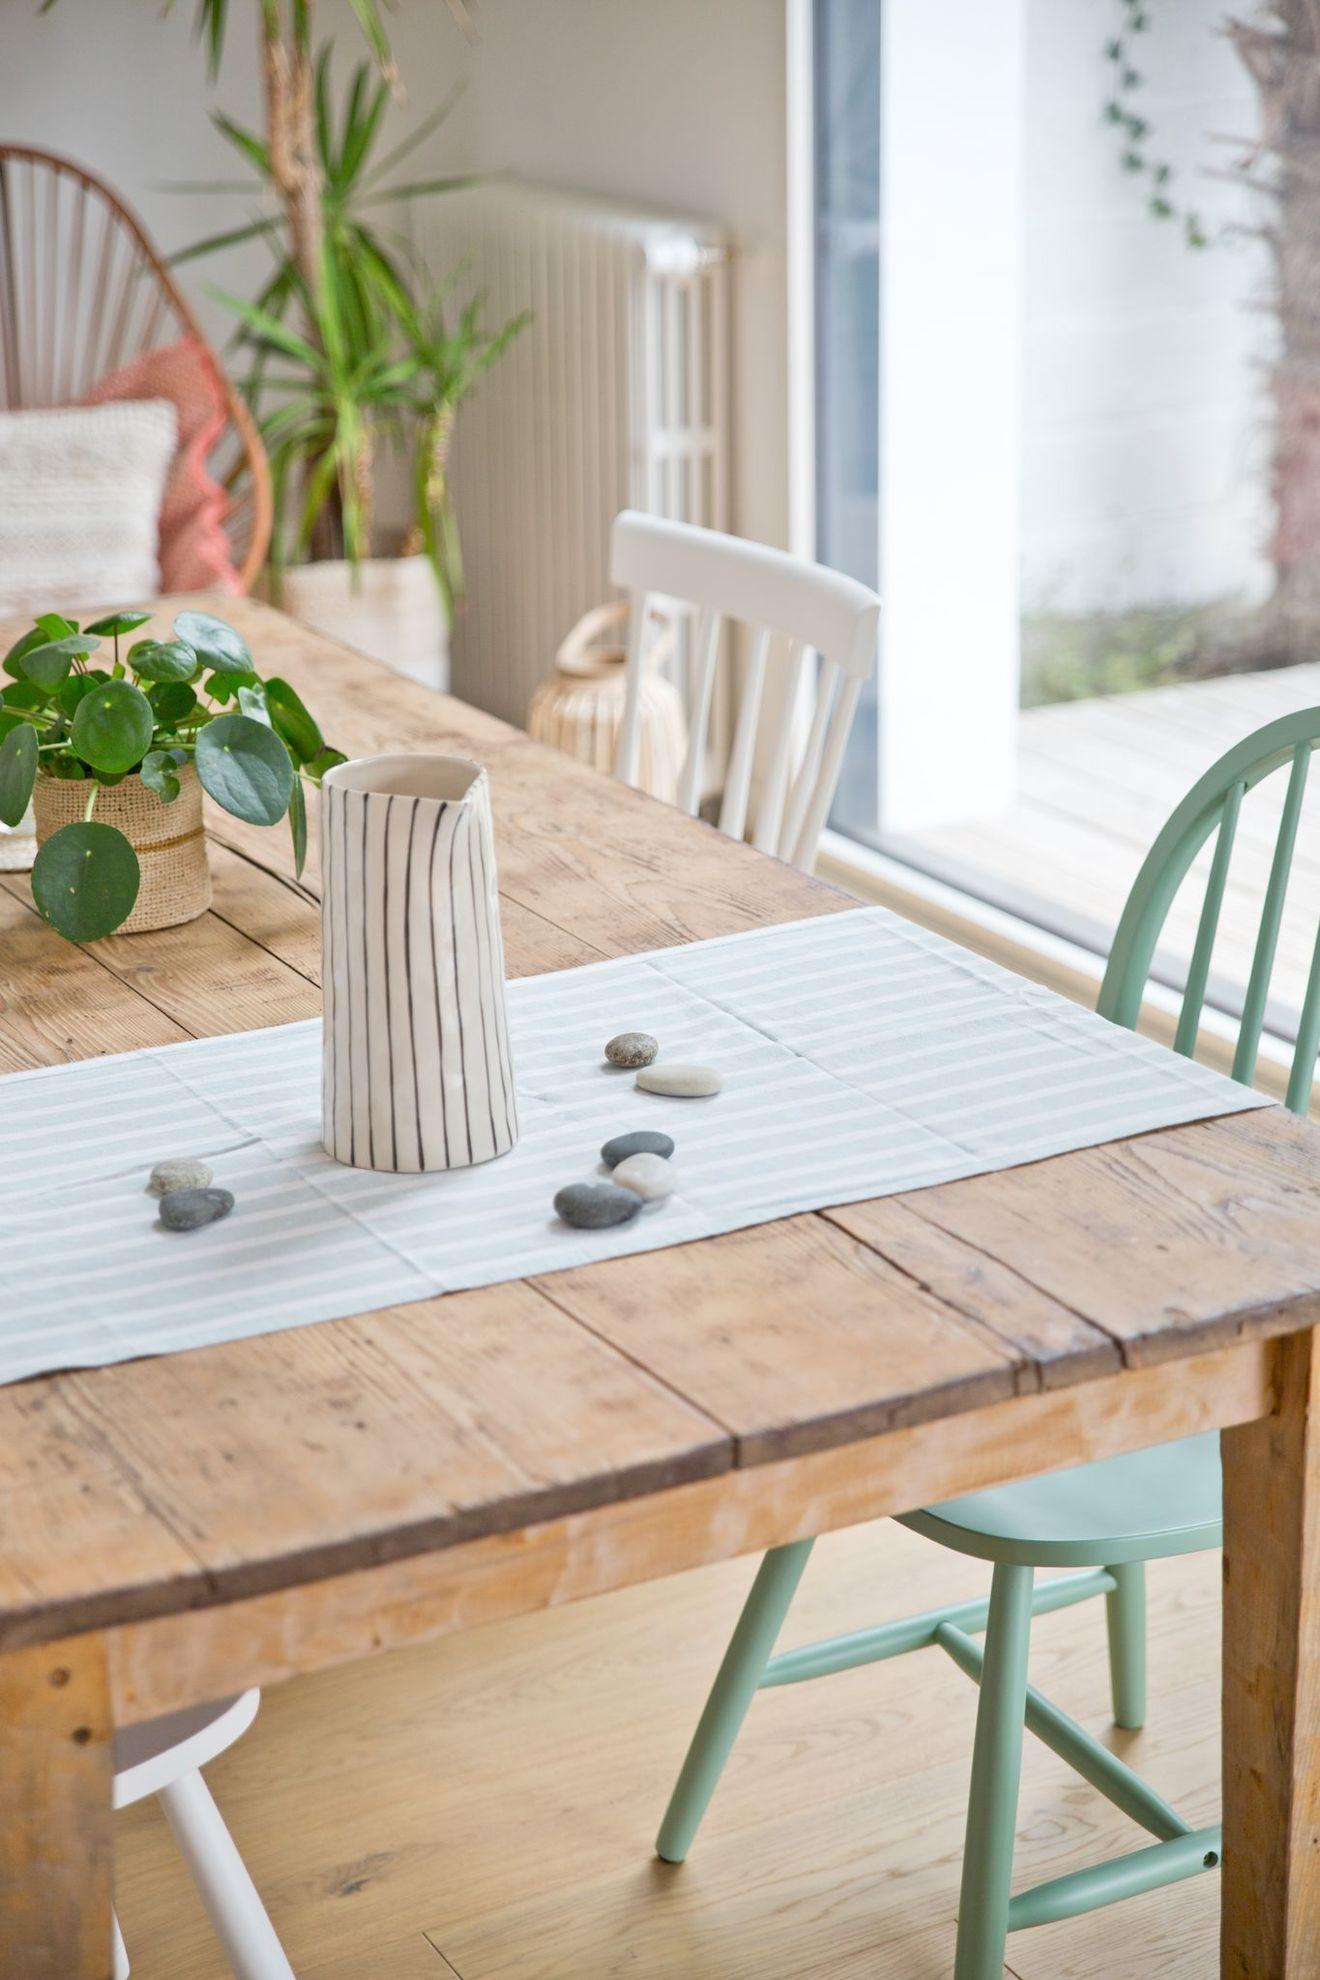 Maison Quimper Un Cabinet De Medecin Renove En Maison Familiale Table Salle A Manger Coin Salle A Manger Deco Maison